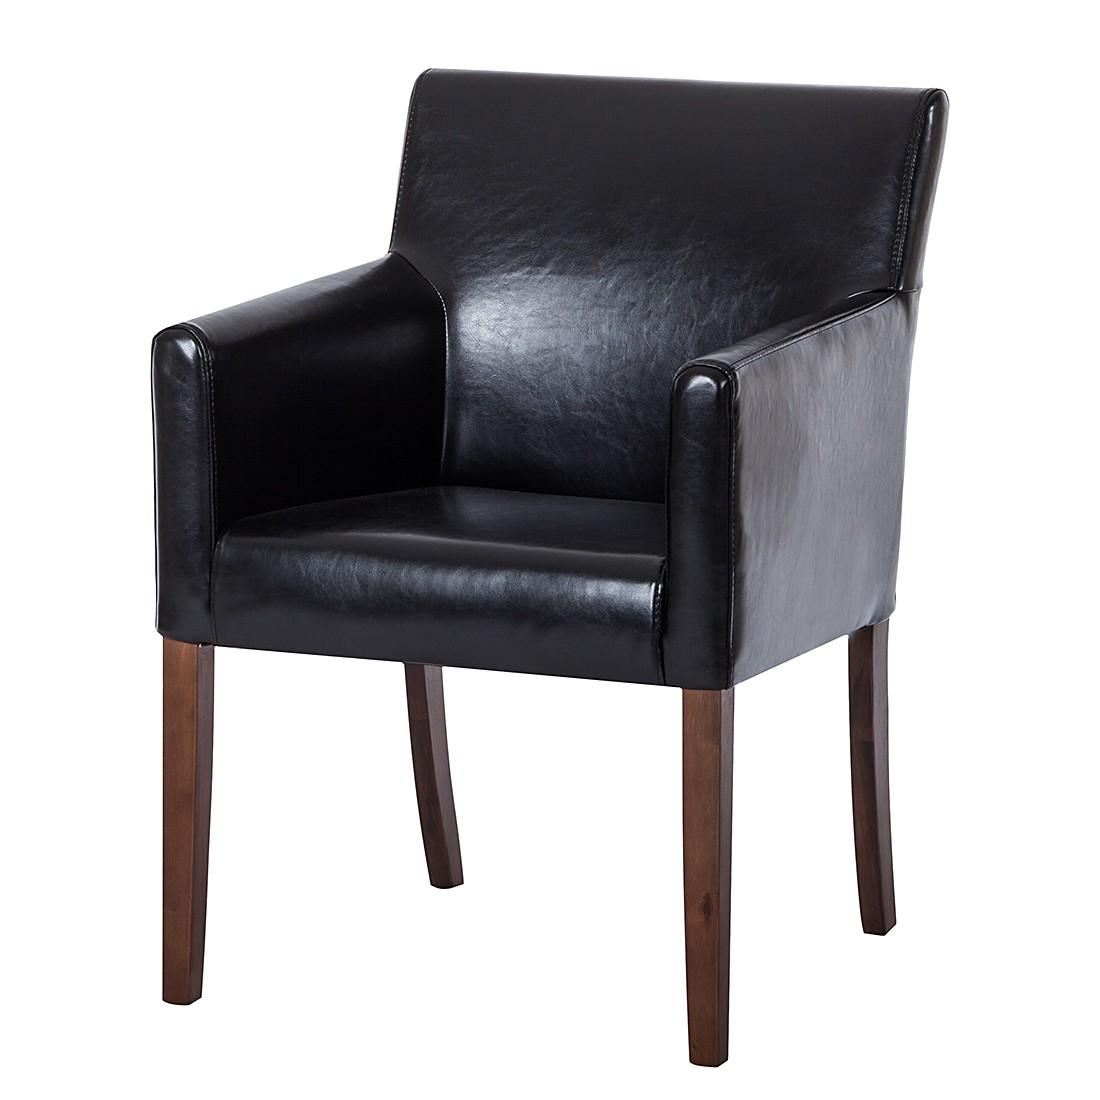 Image of Sedia con braccioli Lincoln - Similpelle nera/betulla marrone chiaro, Maison Belfort